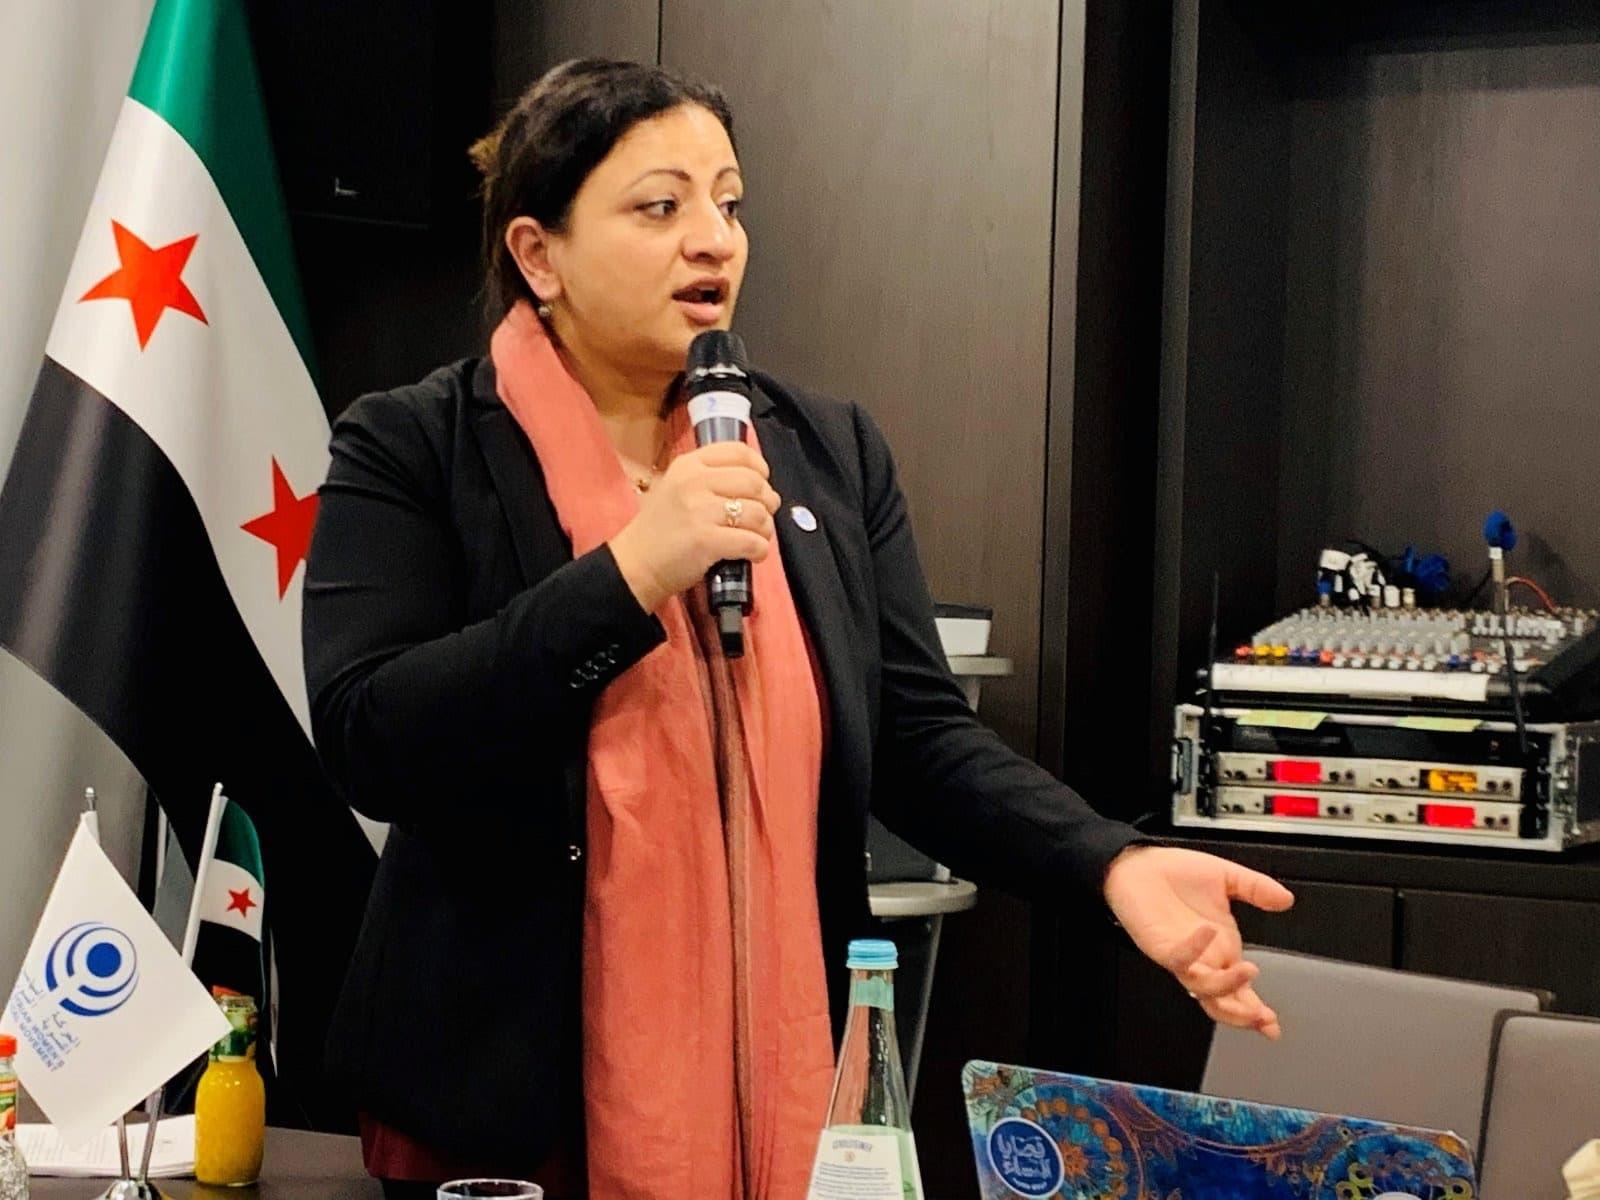 النشرة البريدية للحركة السياسية النسوية السورية – أيار 2020